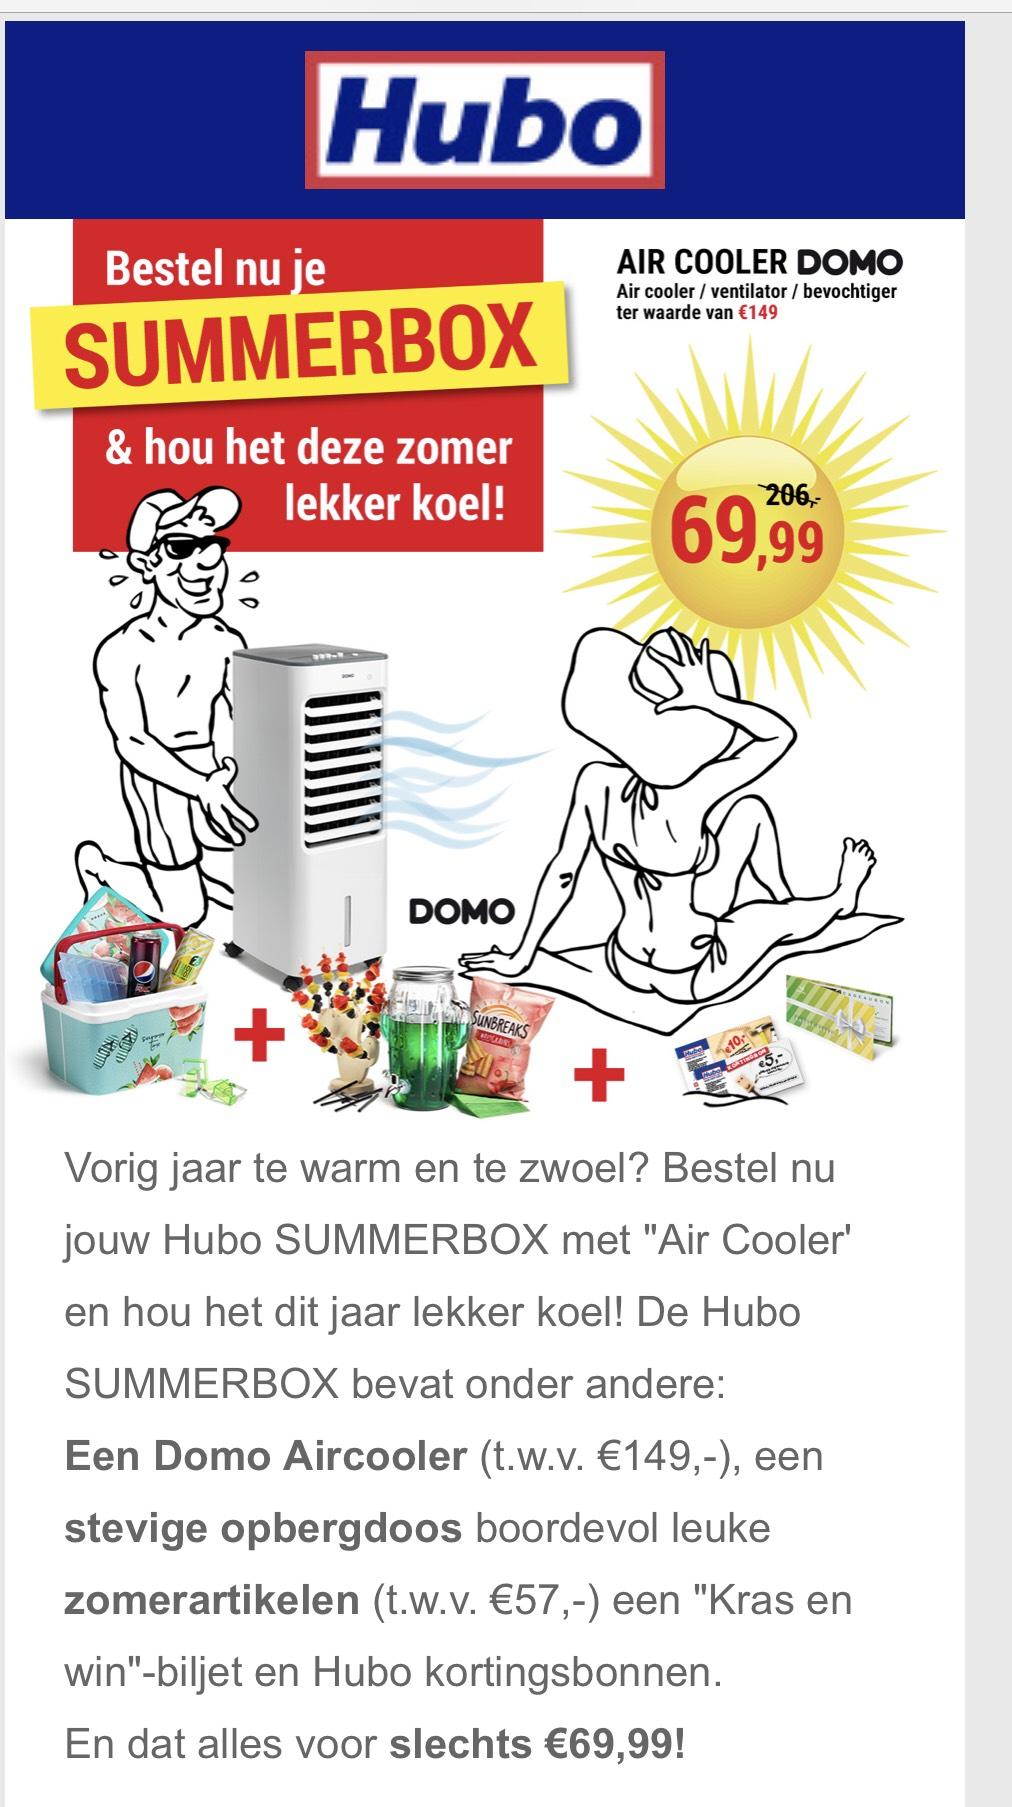 Grendsdeal belgie summerbox hubo 69,99 ipv 206